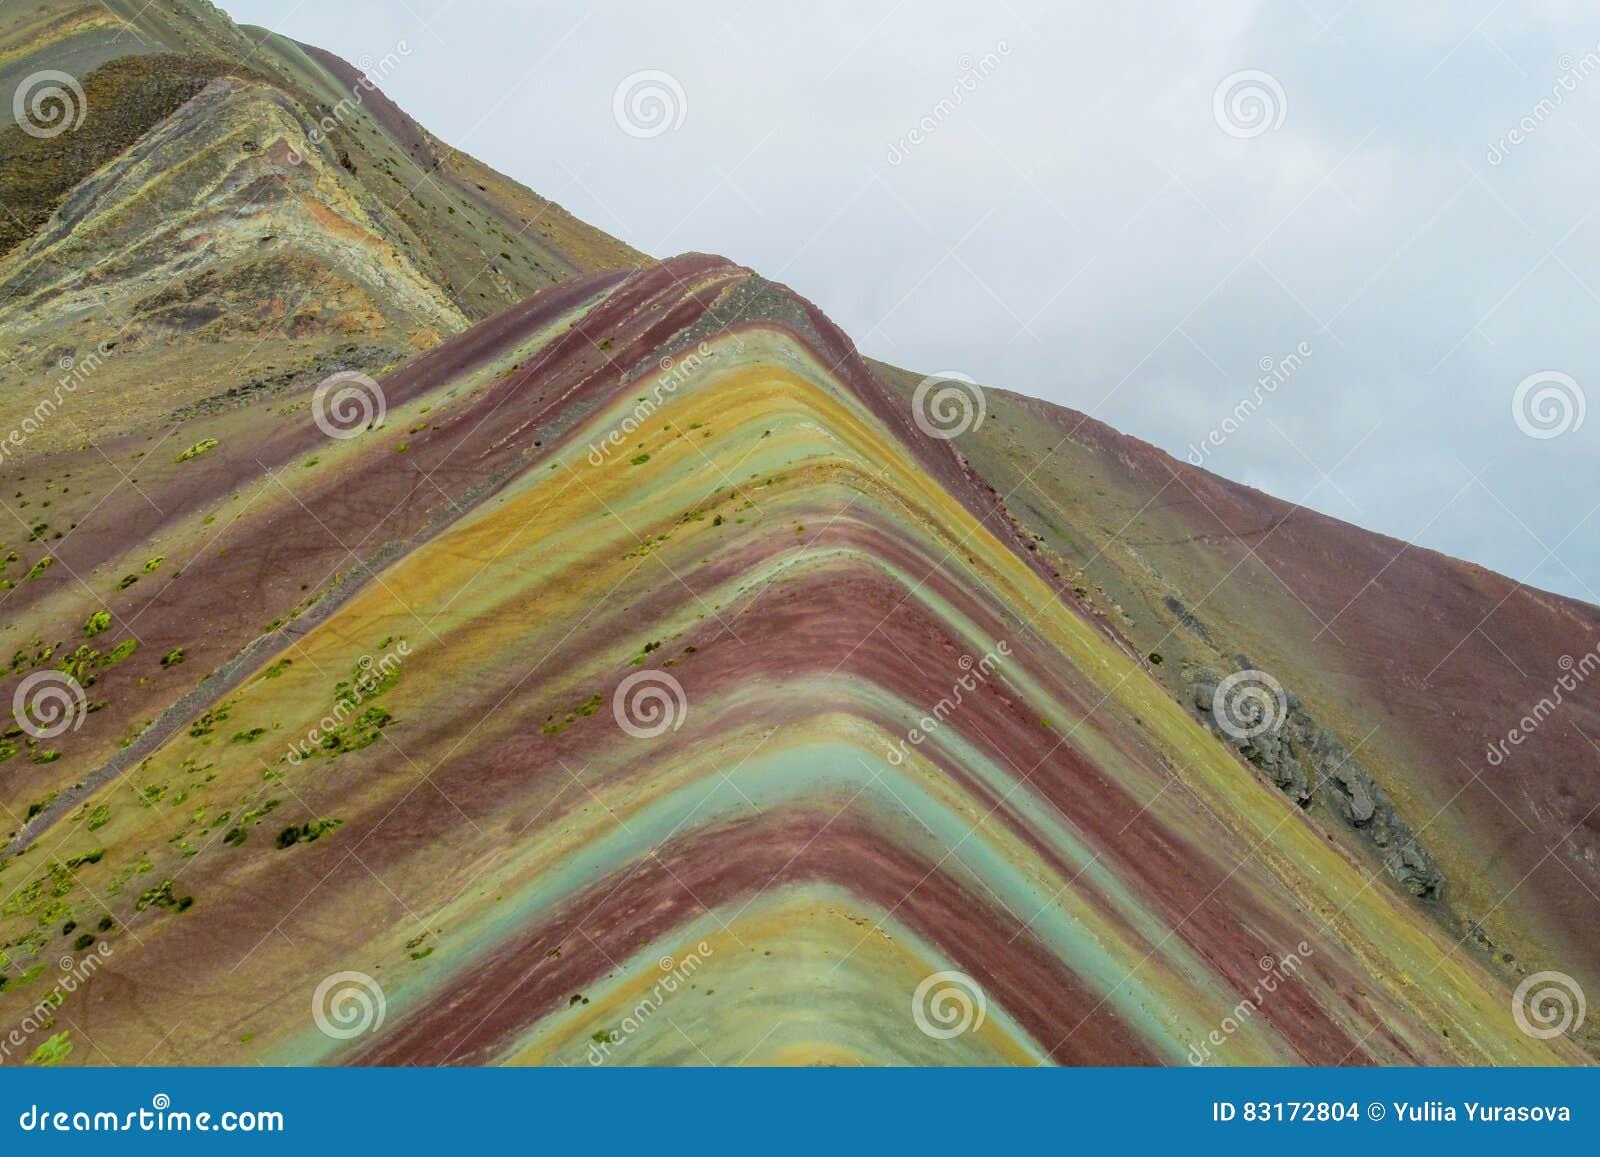 Montagne de Siete Colores près de Cuzco